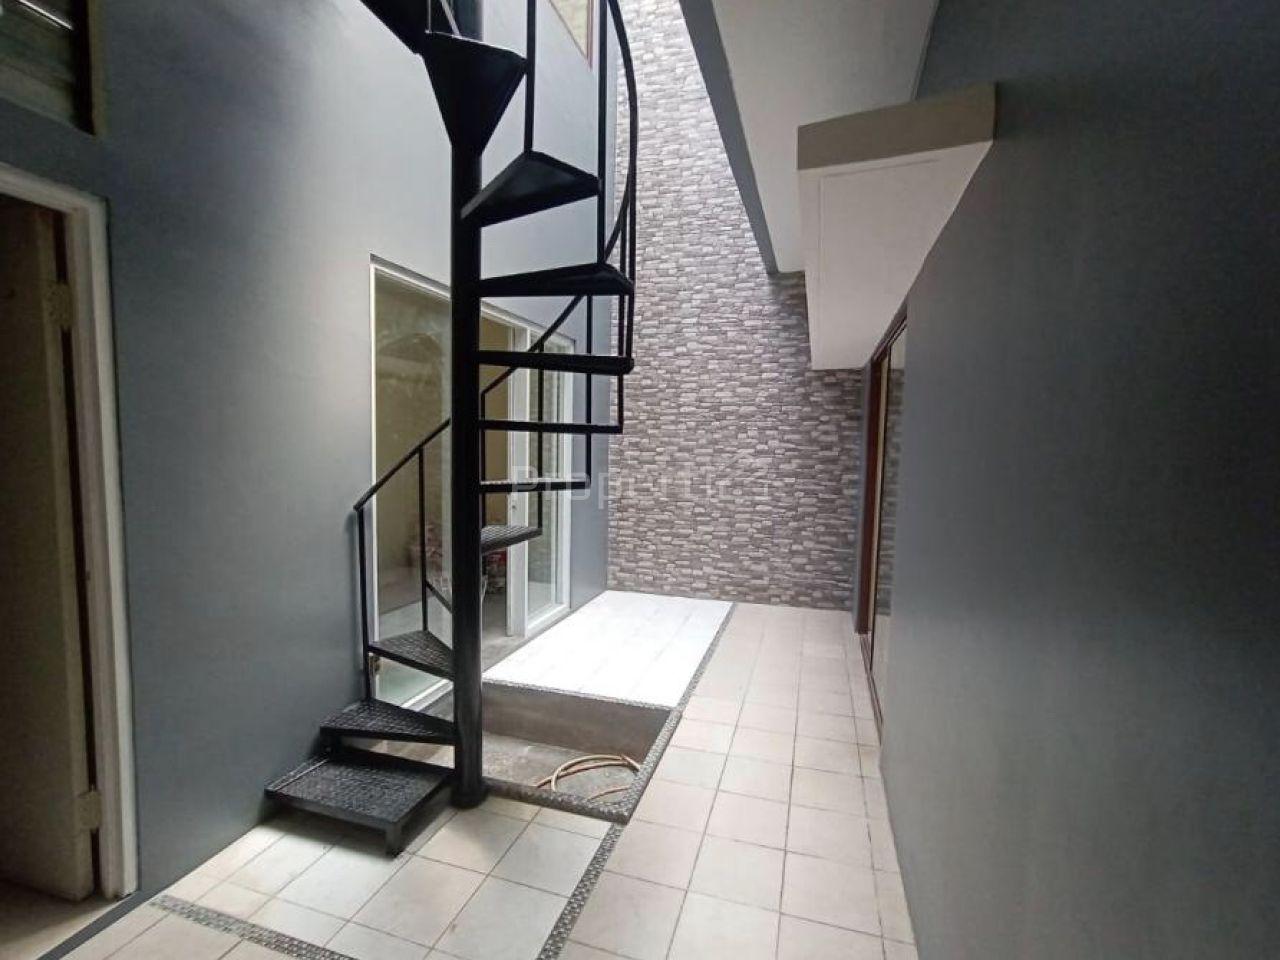 2-Storey House at Griya Loka BSD, Serpong